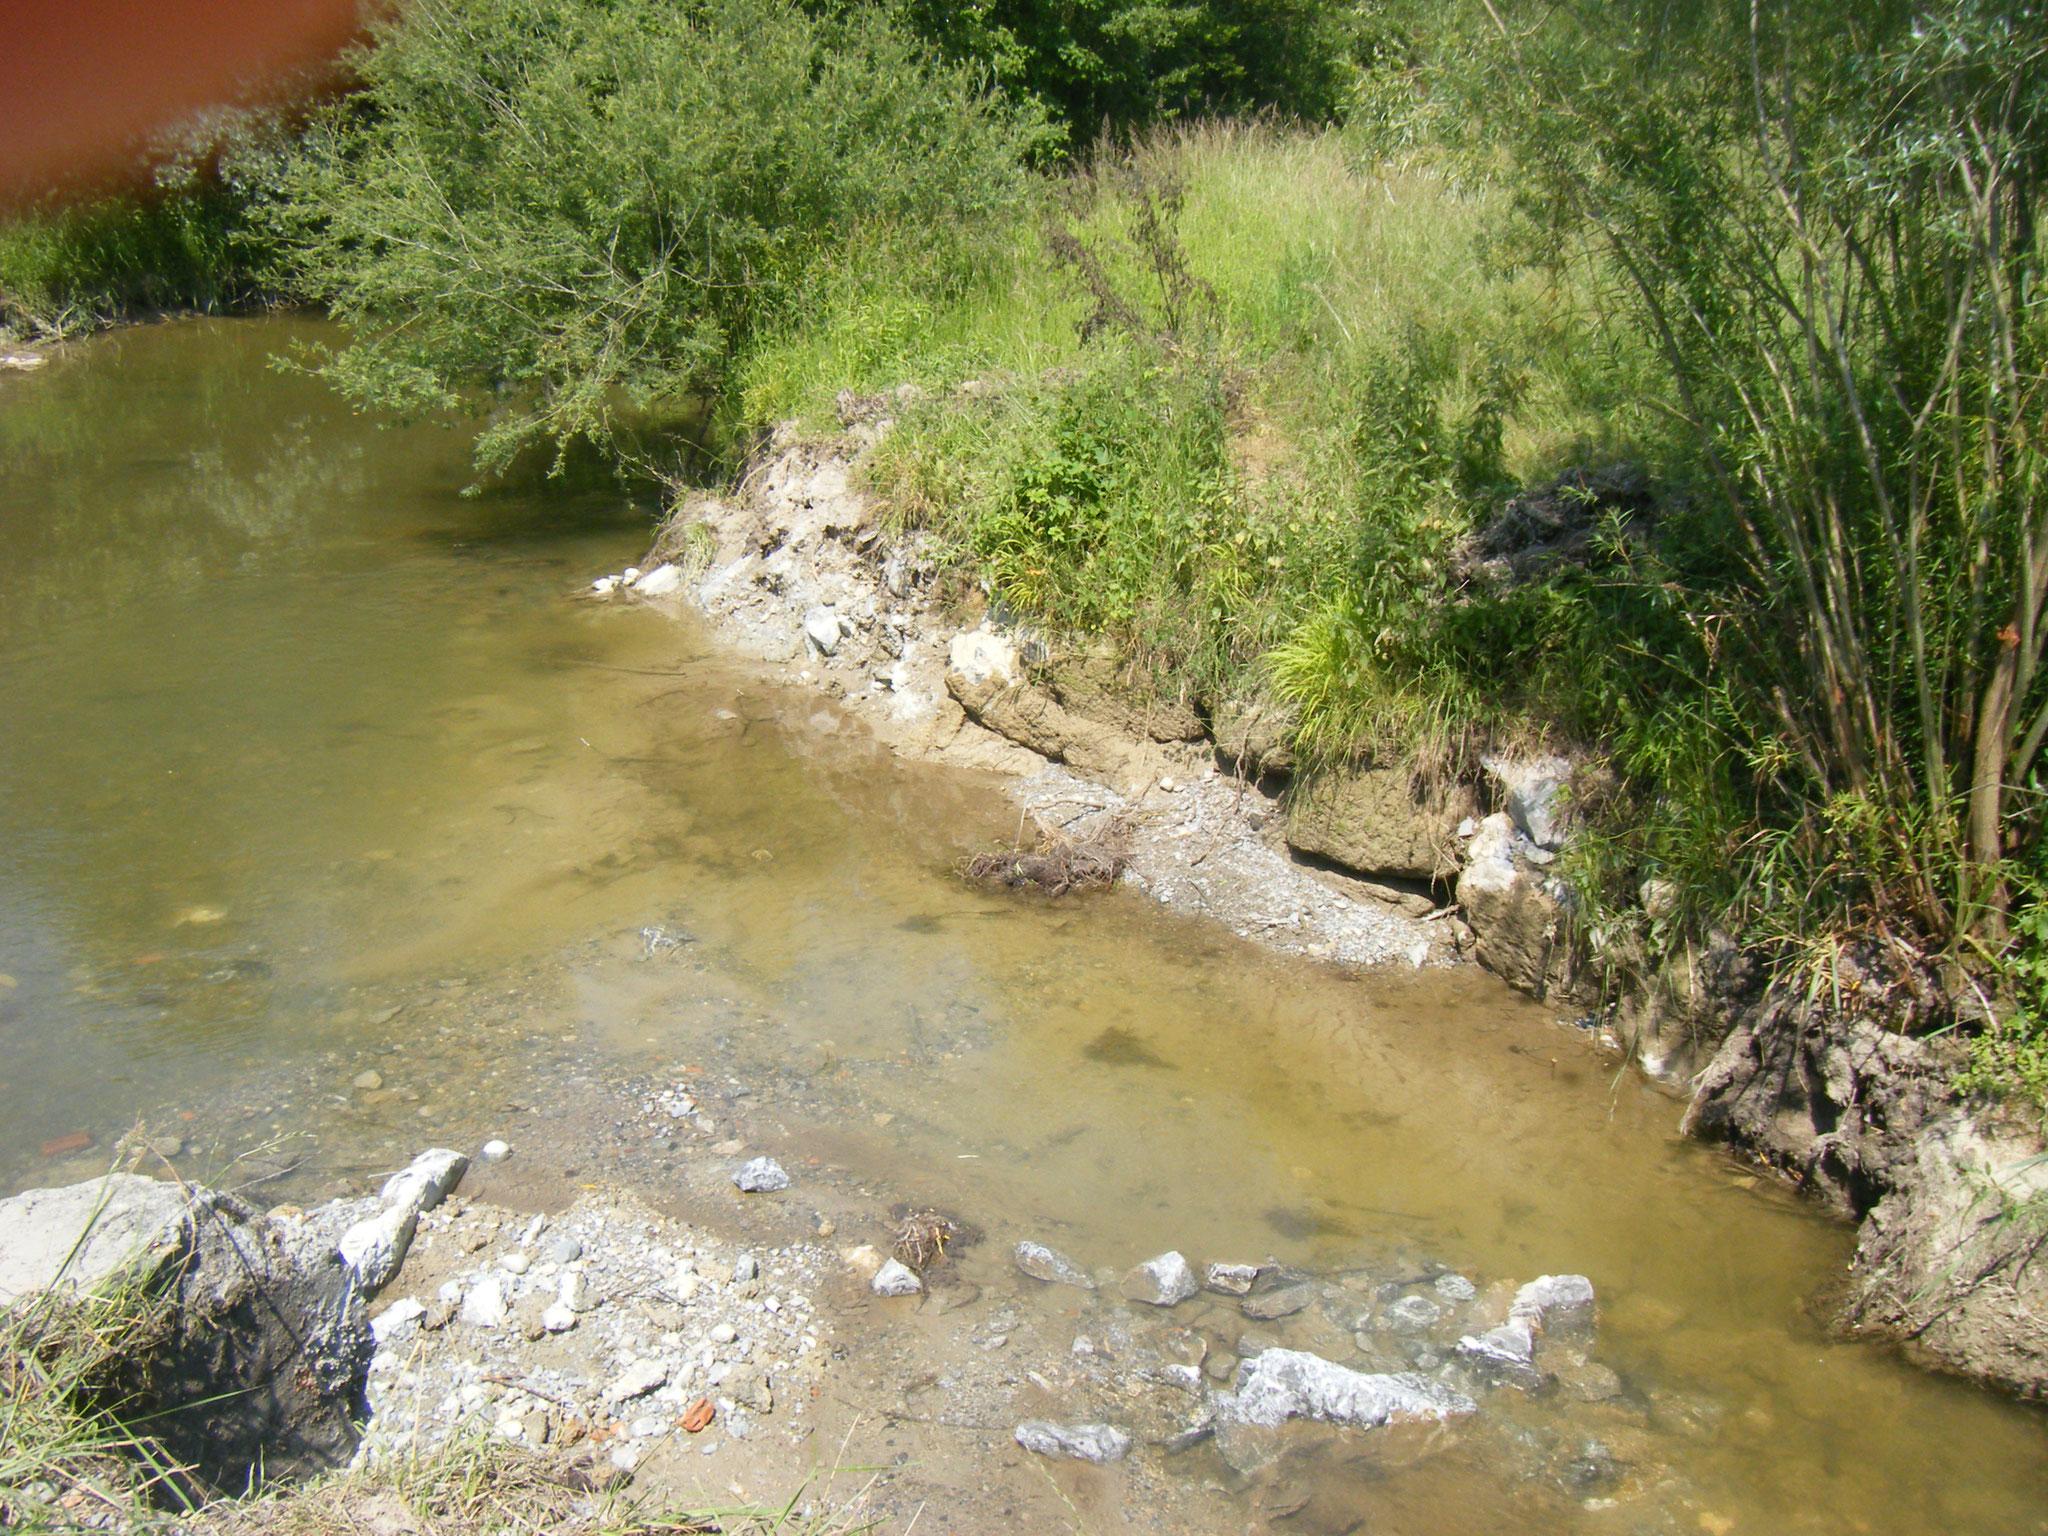 die ehemalige Fischtreppe ist jetzt fast ein natürliches Bächlein, das dem Allmannsweiler Bach zufliesst